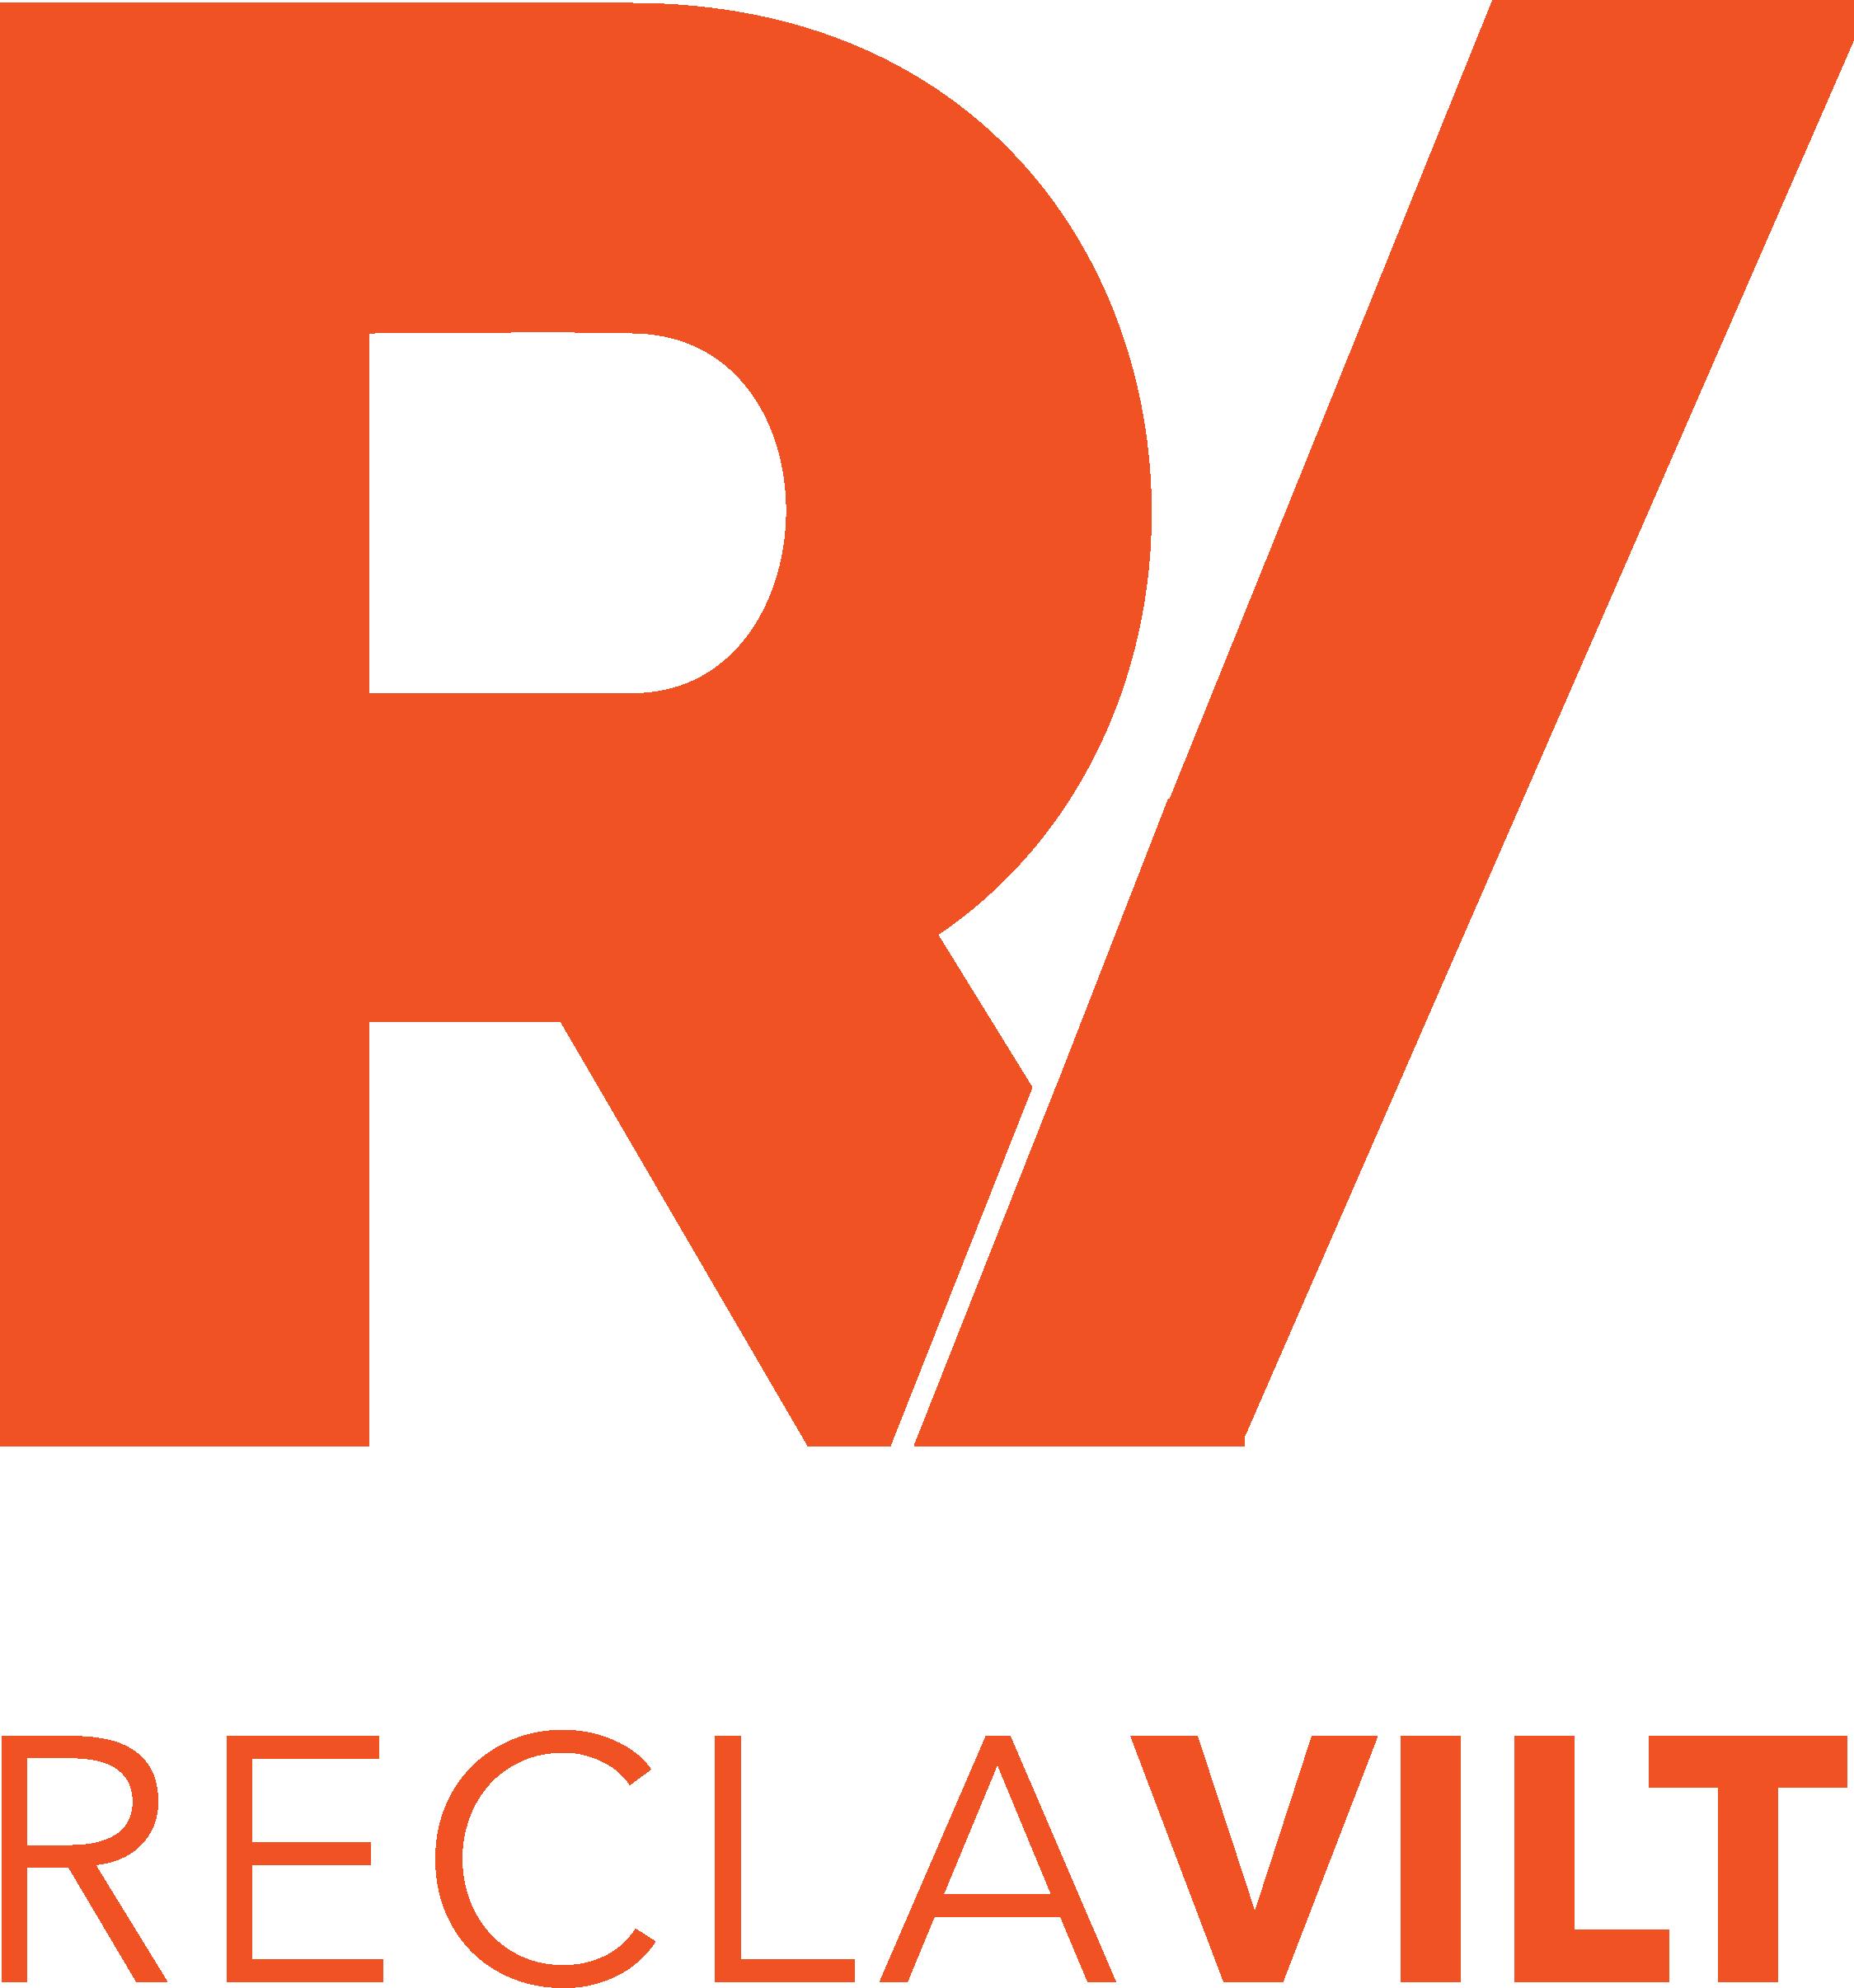 RECLAVILT